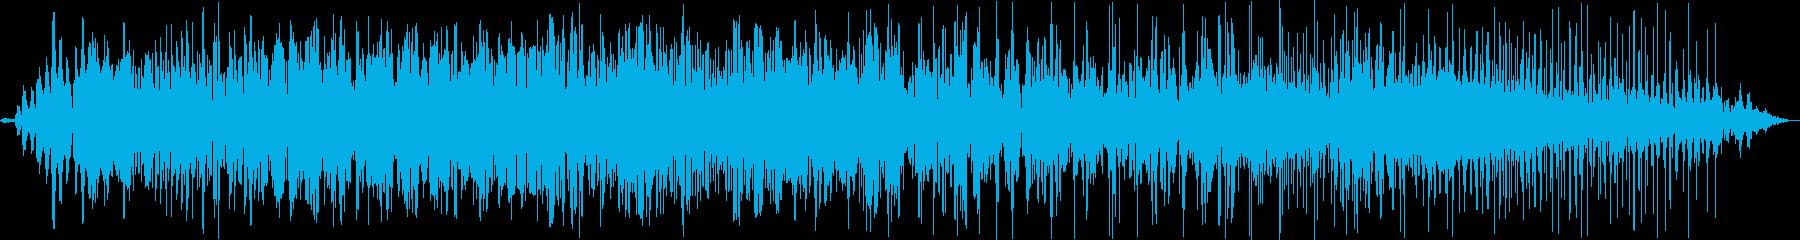 エイリアンクリーチャーグロールの再生済みの波形